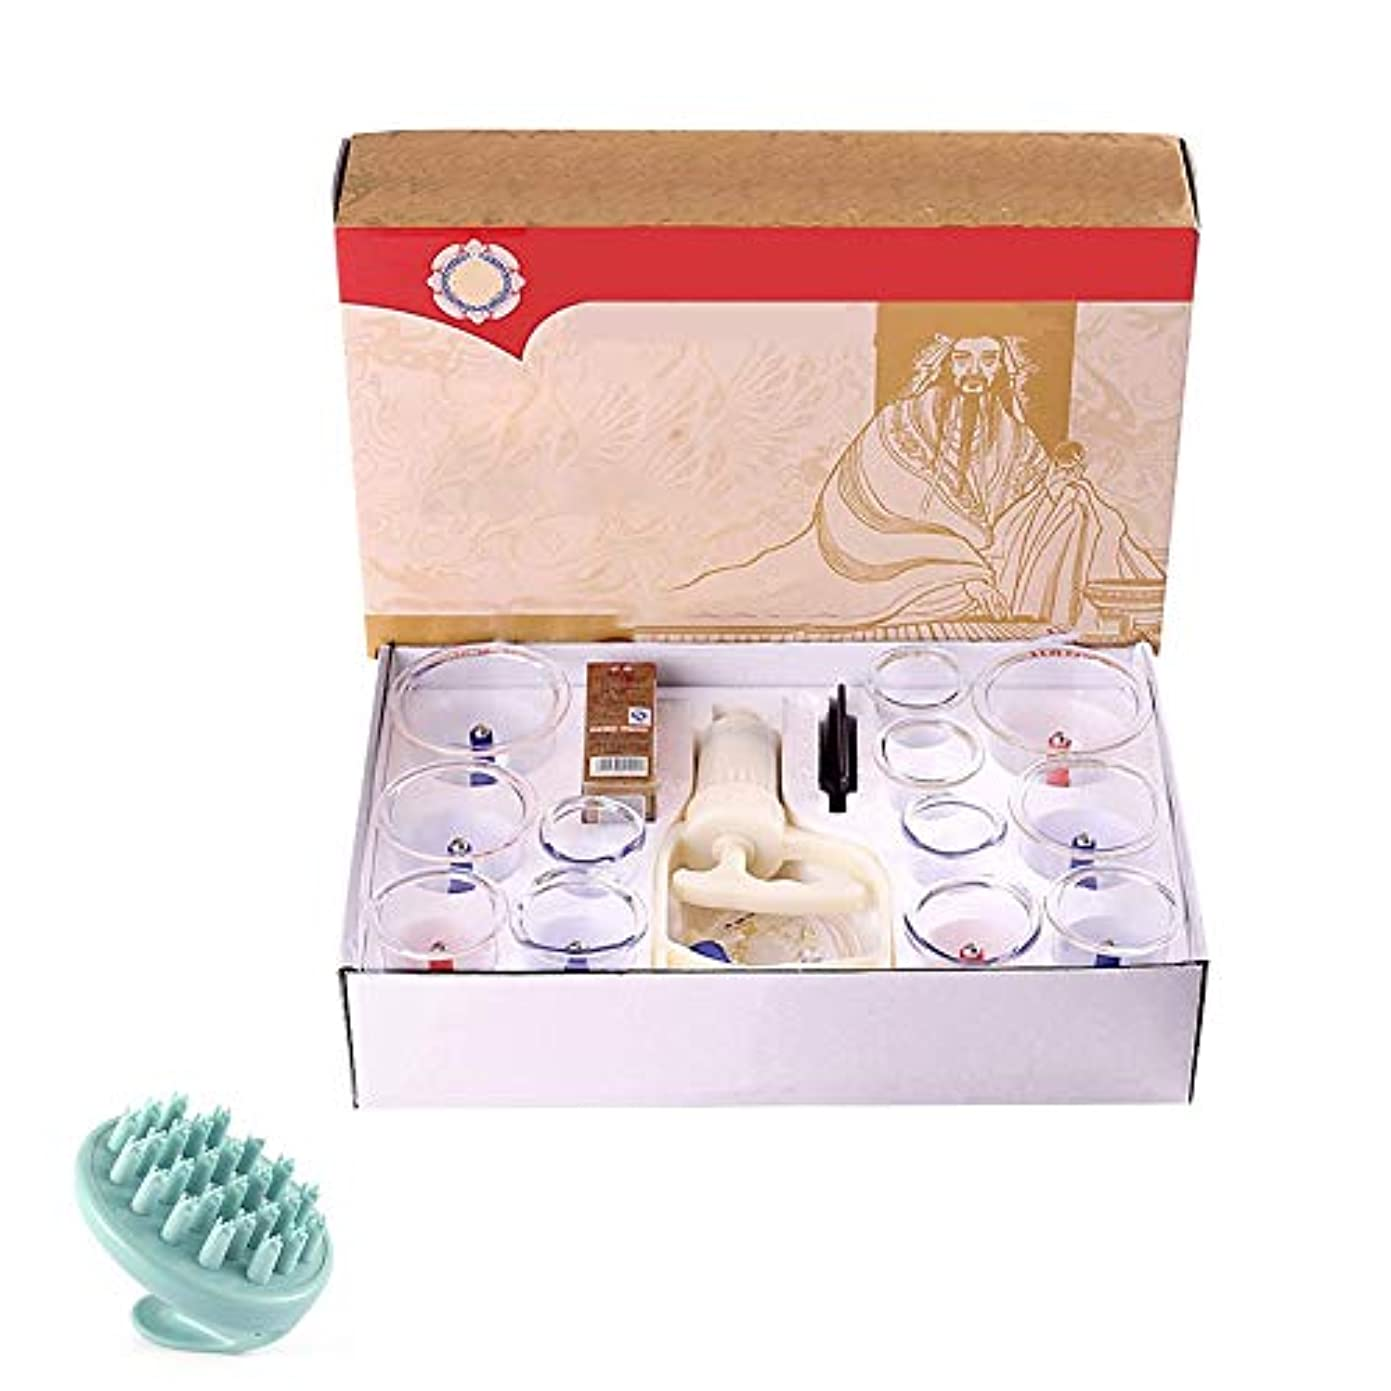 するバッチ空虚12カップマッサージカッピングセット、真空吸引生体磁気中国ツボ療法、女性と男性のための家、ストレス筋肉緩和、親家族のための最高の贈り物